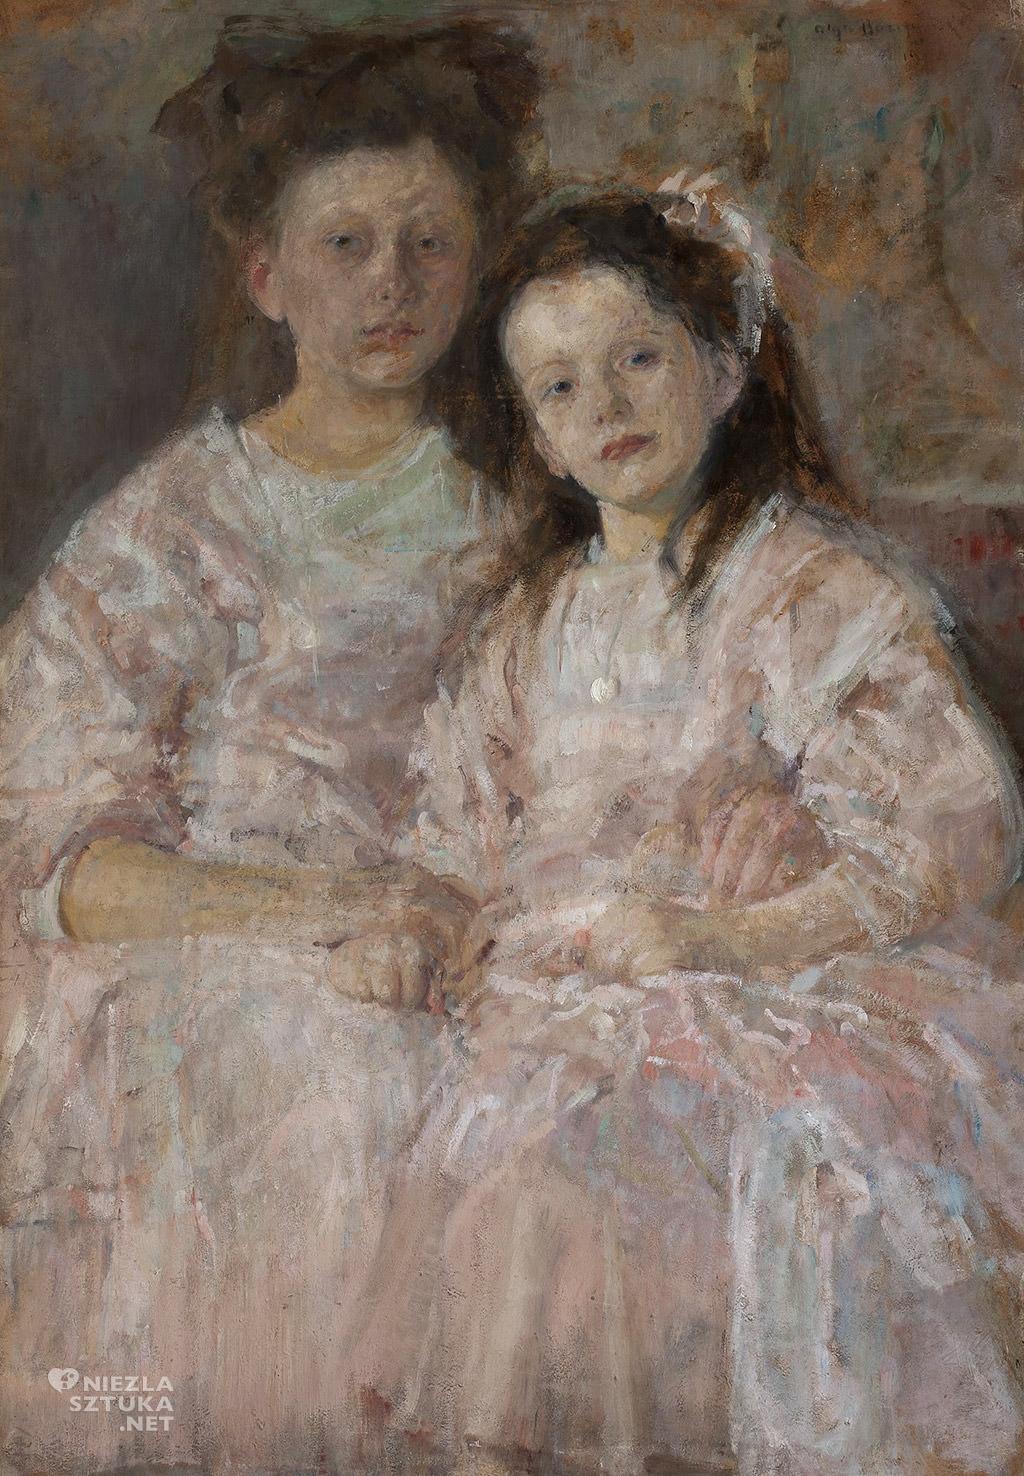 Olga Boznańska Portret dziewczynek Heleny i Władysławy Chmielarczyk